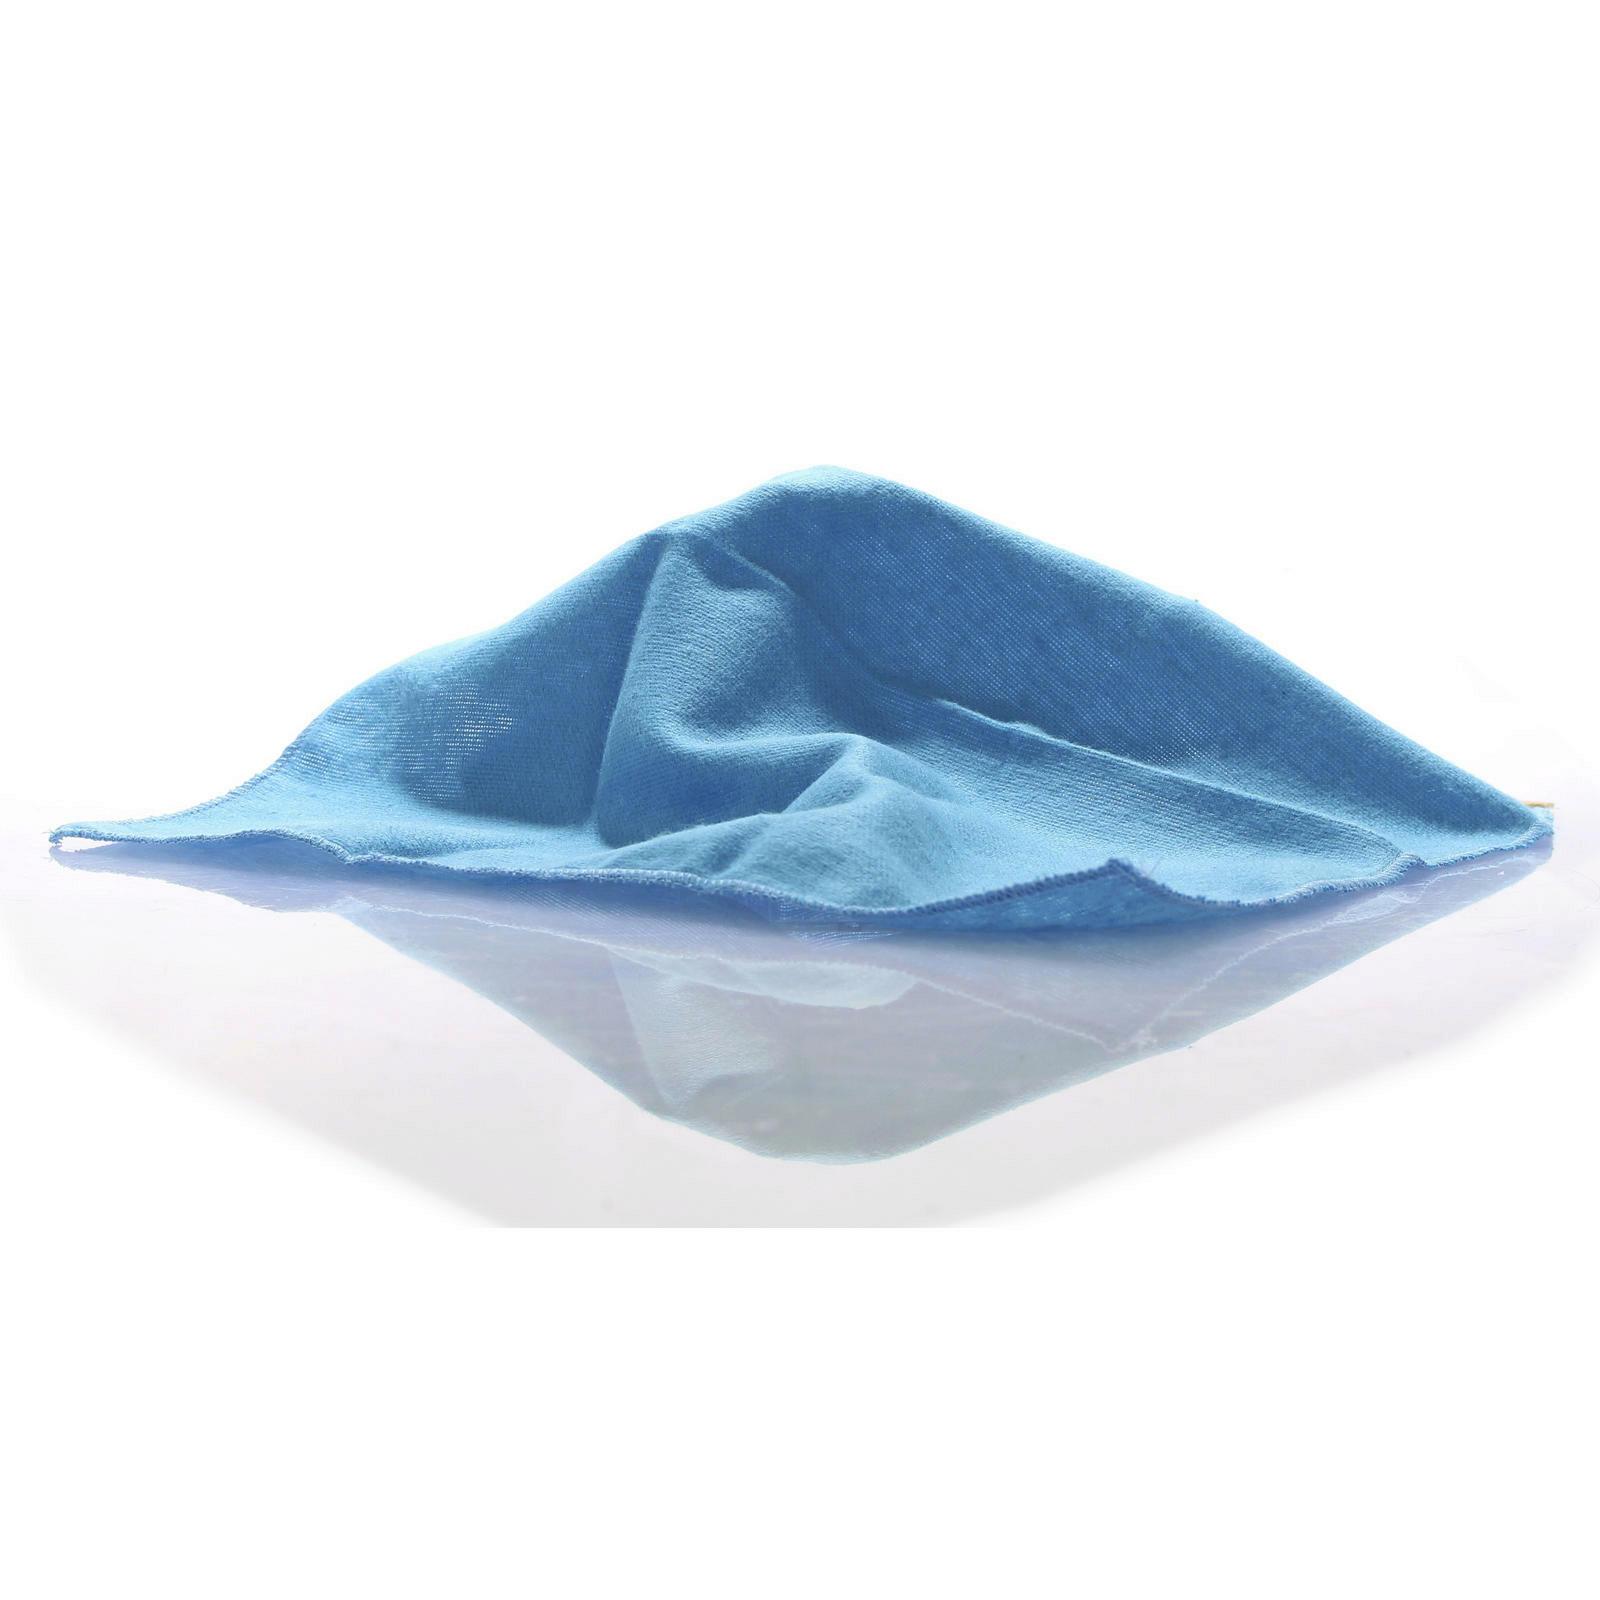 Poliertuch hell blau 28cm x 28cm